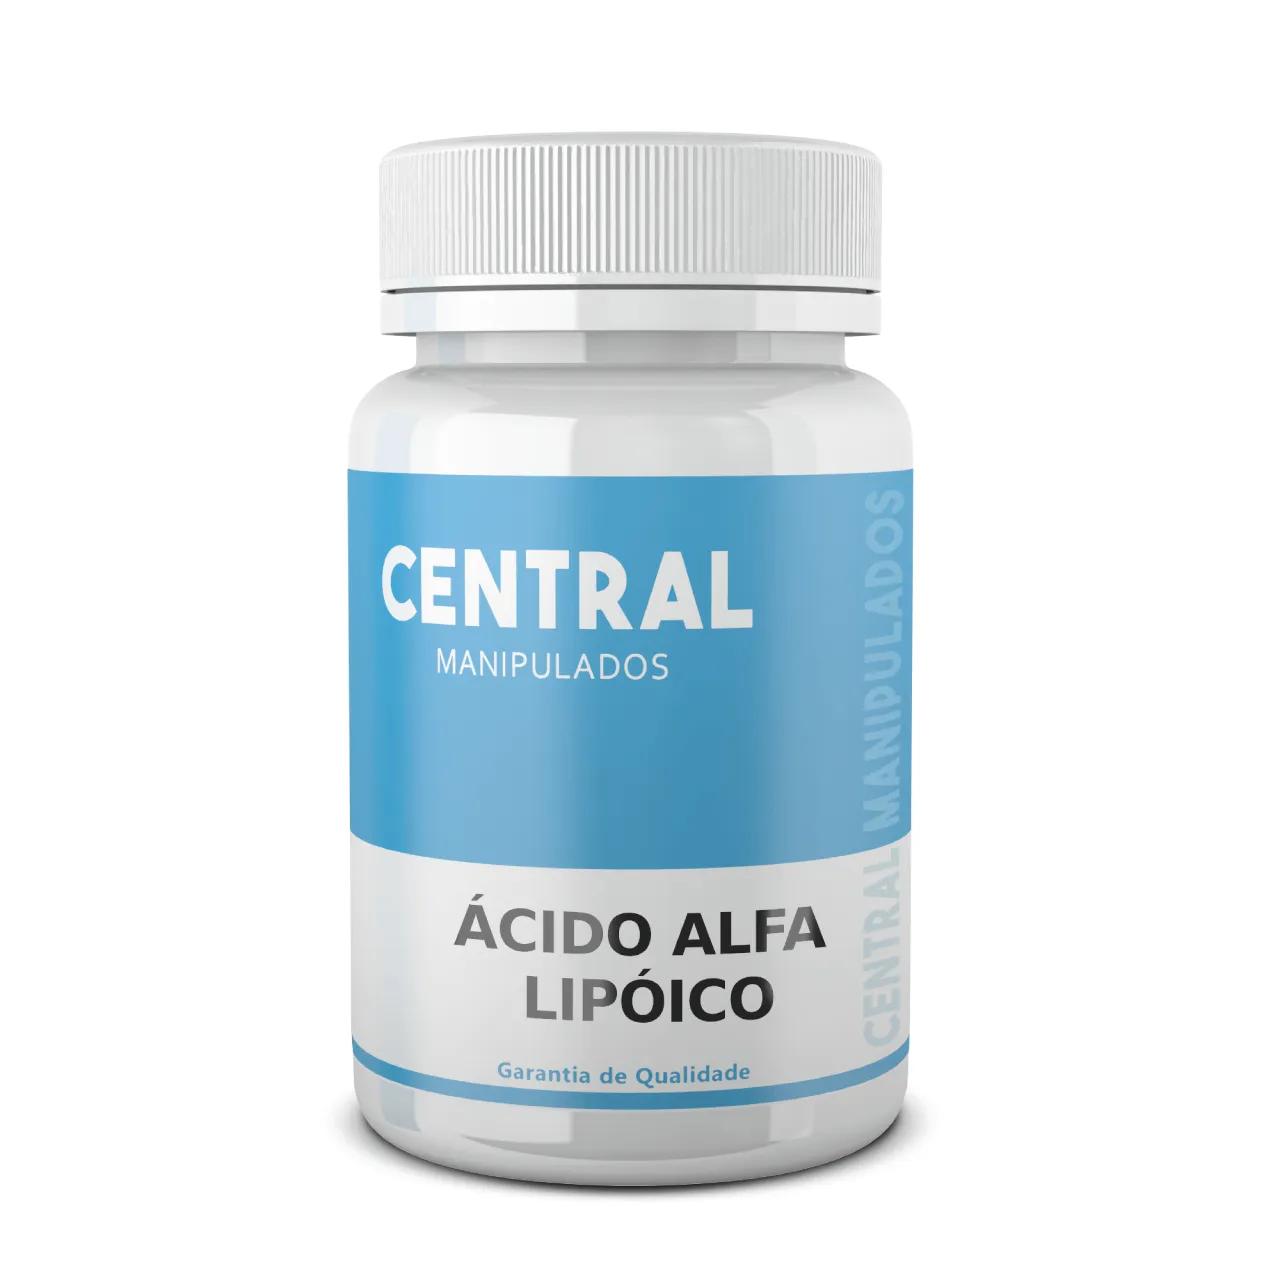 Ácido Alfa Lipóico 300mg - 60 cápsulas - Antioxidante potente, protetor do fígado e coração